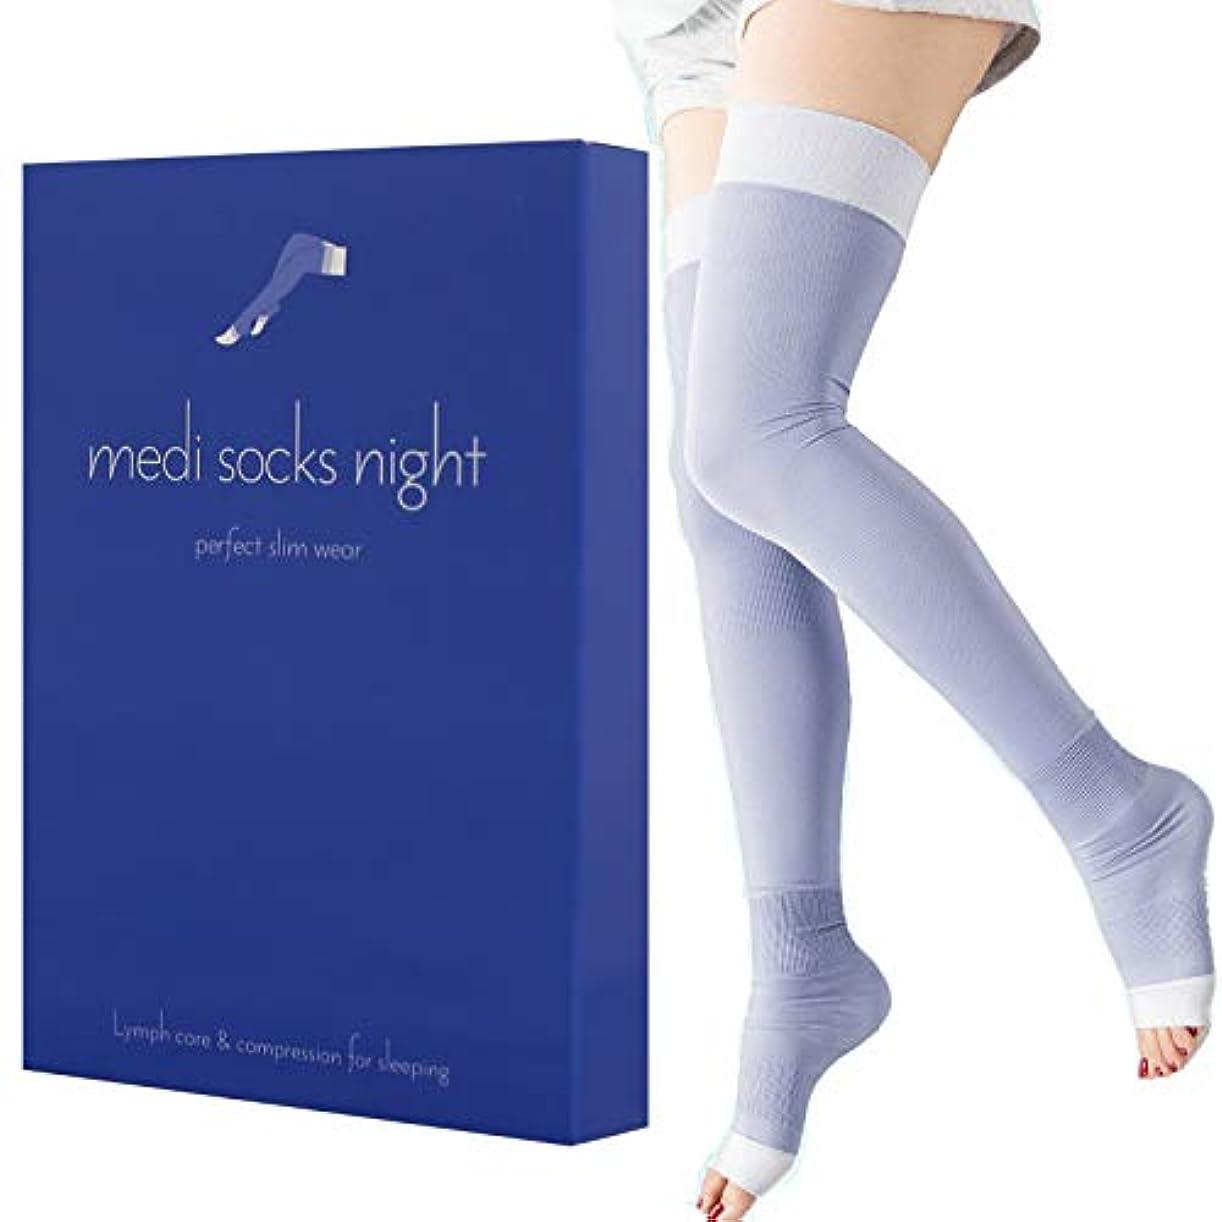 喉が渇いた仲間、同僚ブリーフケースメディソックスナイト ~medi socks night~ Mサイズ